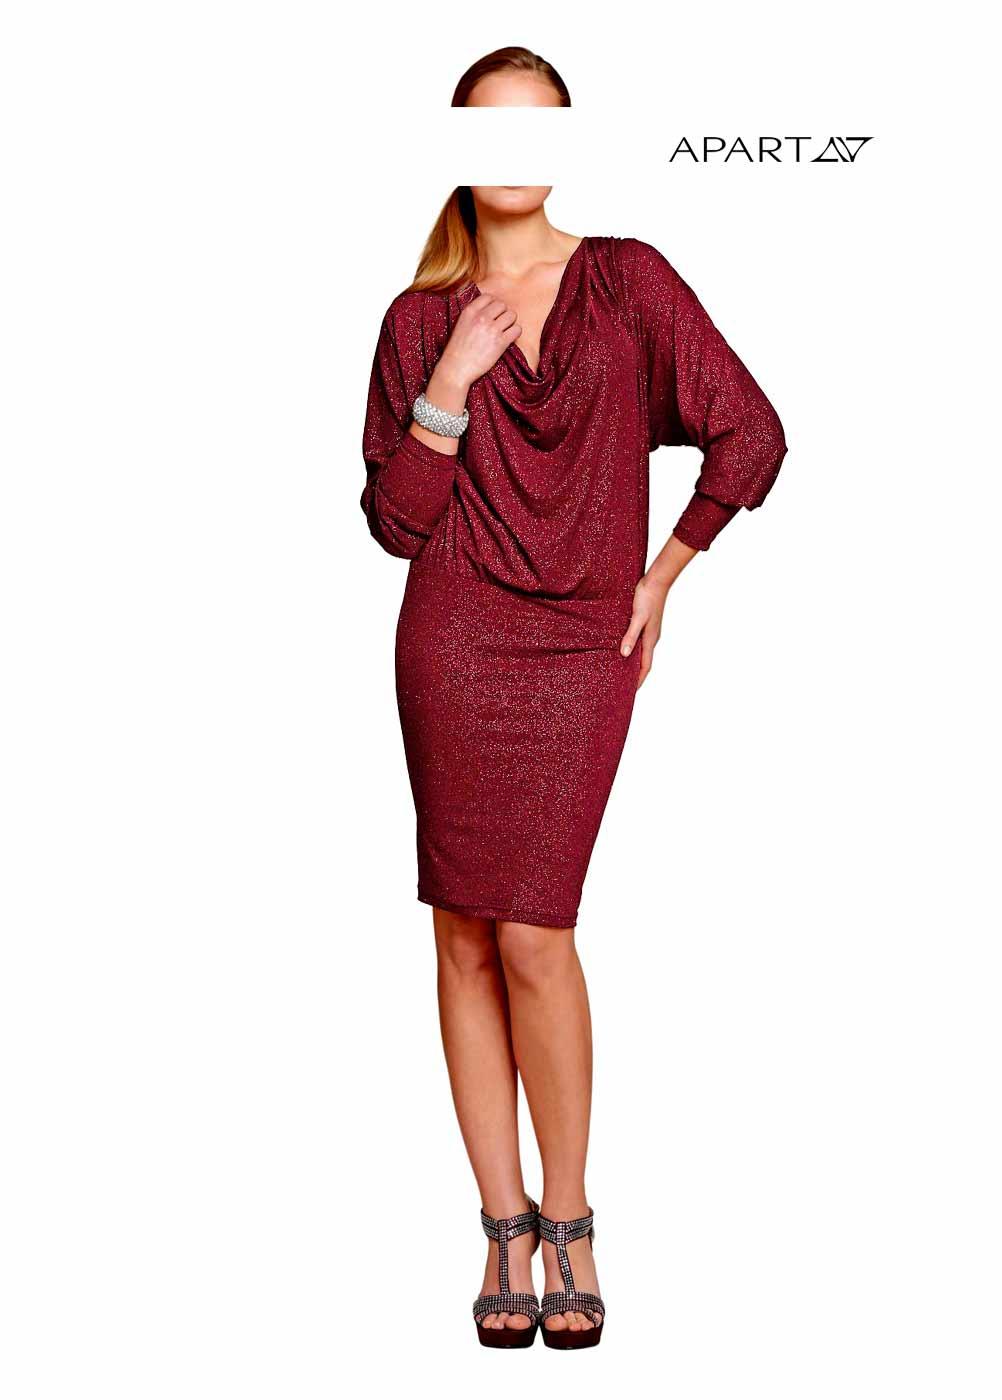 kurzes kleid für besondere anlässe APART Damen Designer-Abendkleid Bordeaux 064.598 Missforty